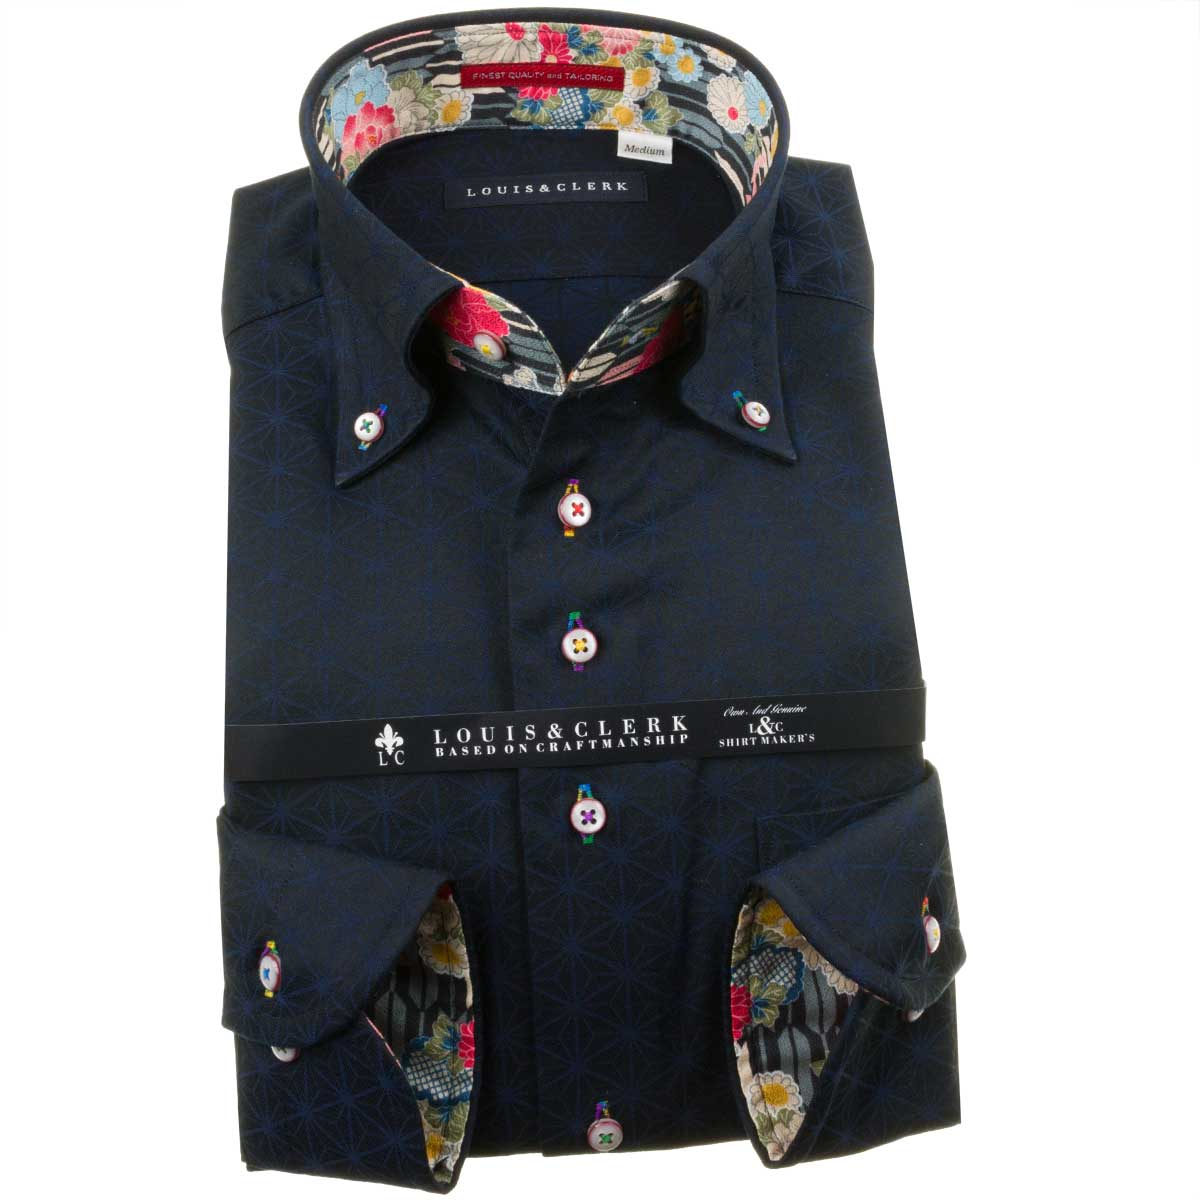 日本製 国産 上質なドレスシャツ 和 をモチーフとした濃色シャツ LouisClerk ルイス クラーク ドレスシャツRHD196-009 ドレスシャツ ワイシャツ メンズ コンフォート 1910 全国どこでも送料無料 fs3gm ダークネイビー シャツ 2109de ボタンダウン 長袖 綿100% ジャガード麻葉柄